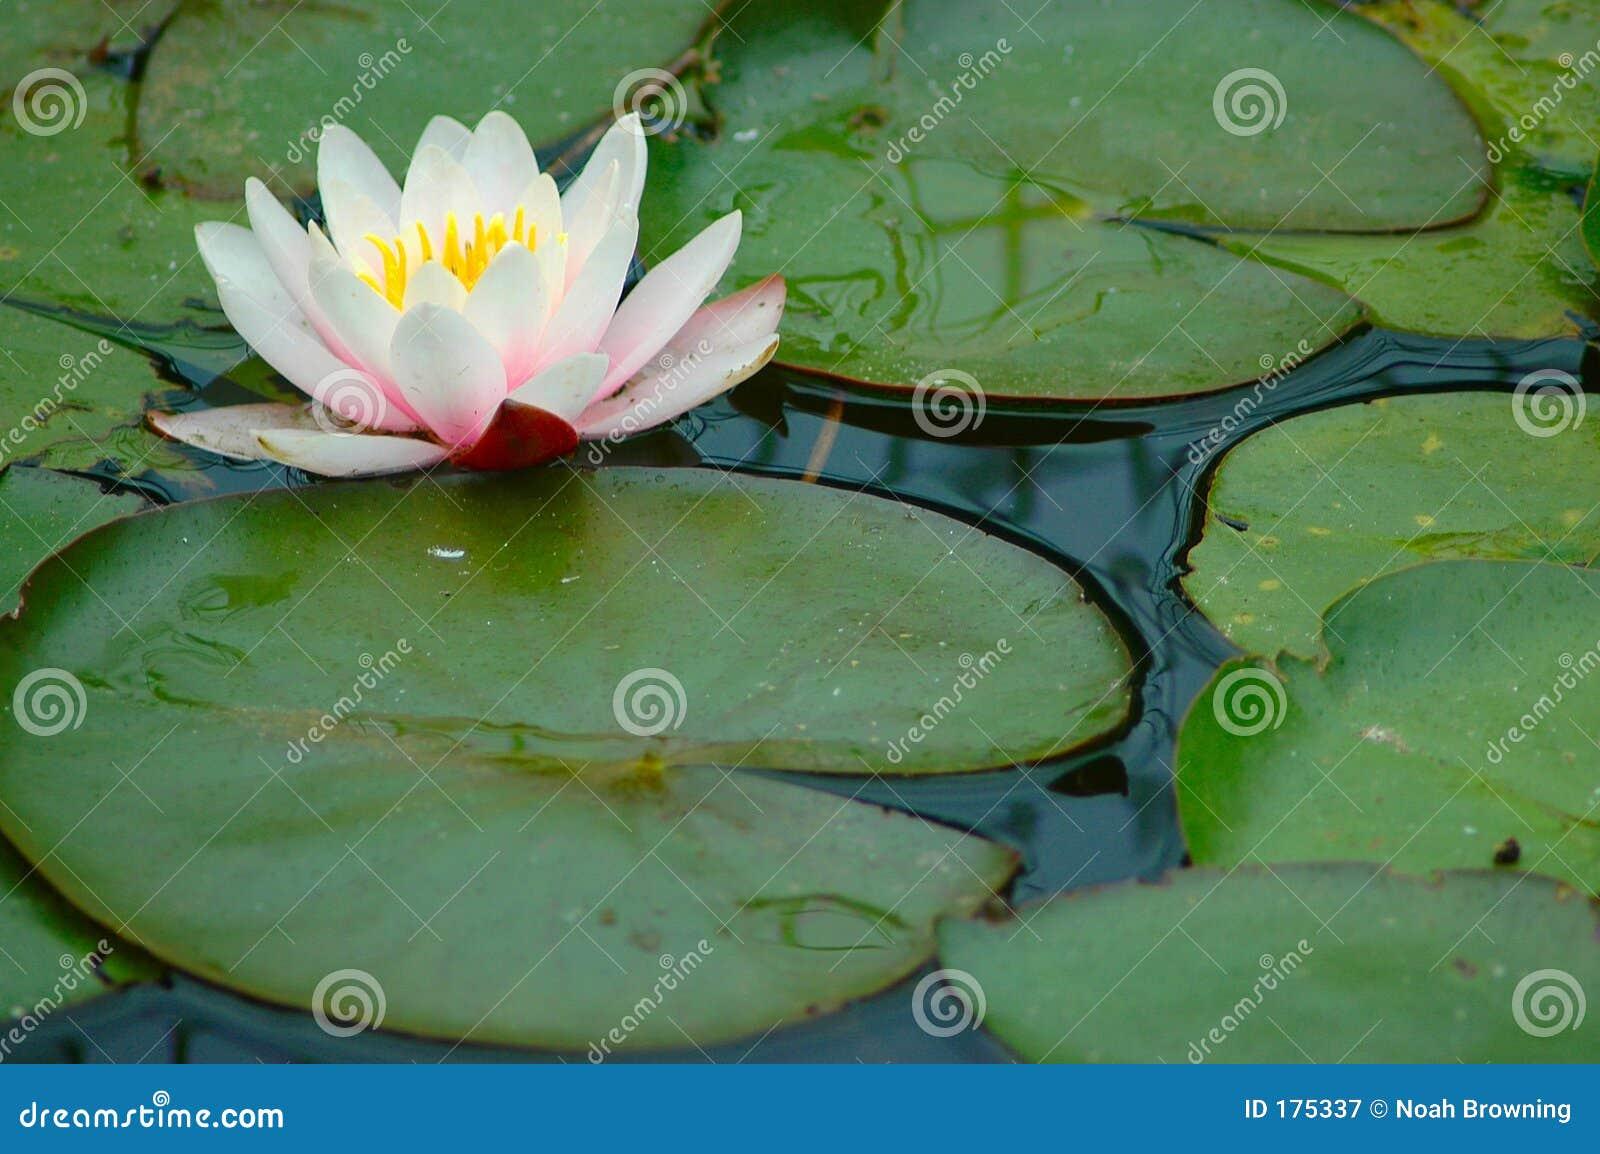 Garnitures de Lilly avec la fleur.